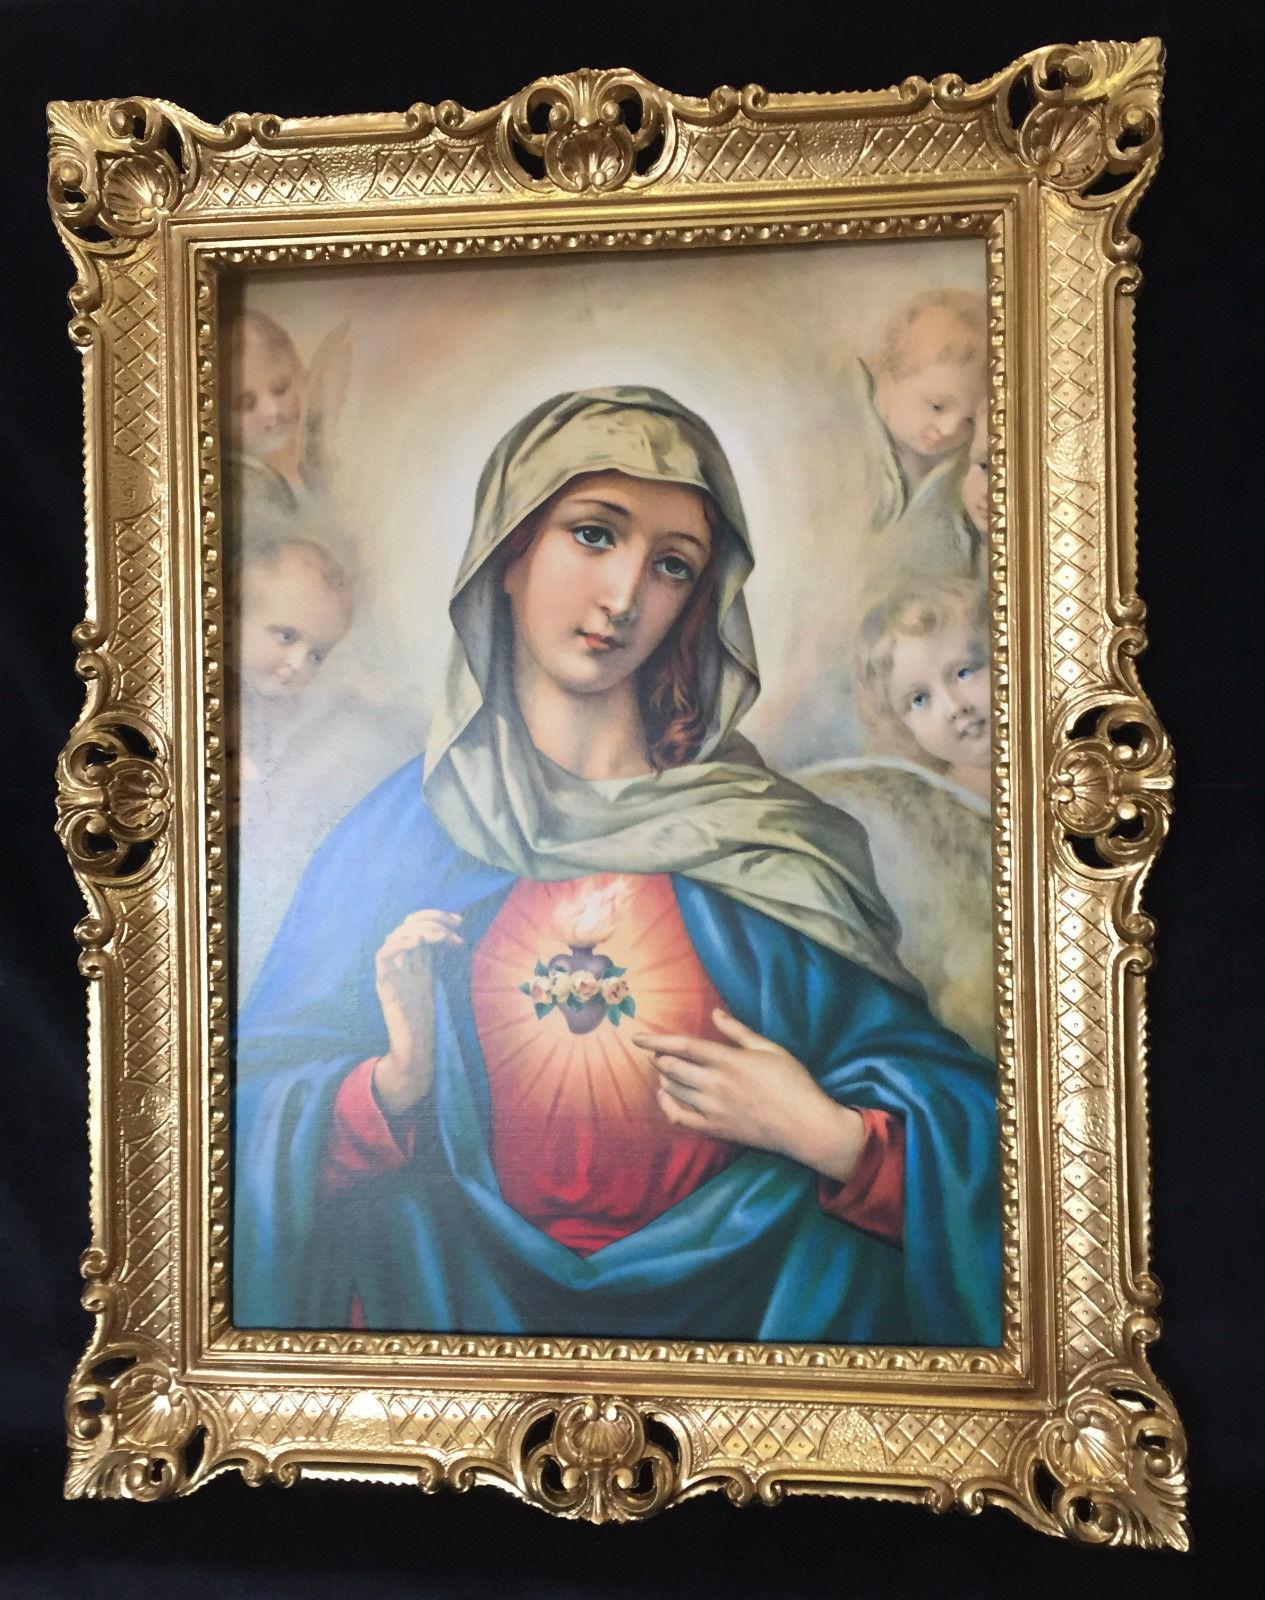 Maria Bild Religiöse/Heiligen Bild Madonna Gerahmte Gemaelde 70x90 ...